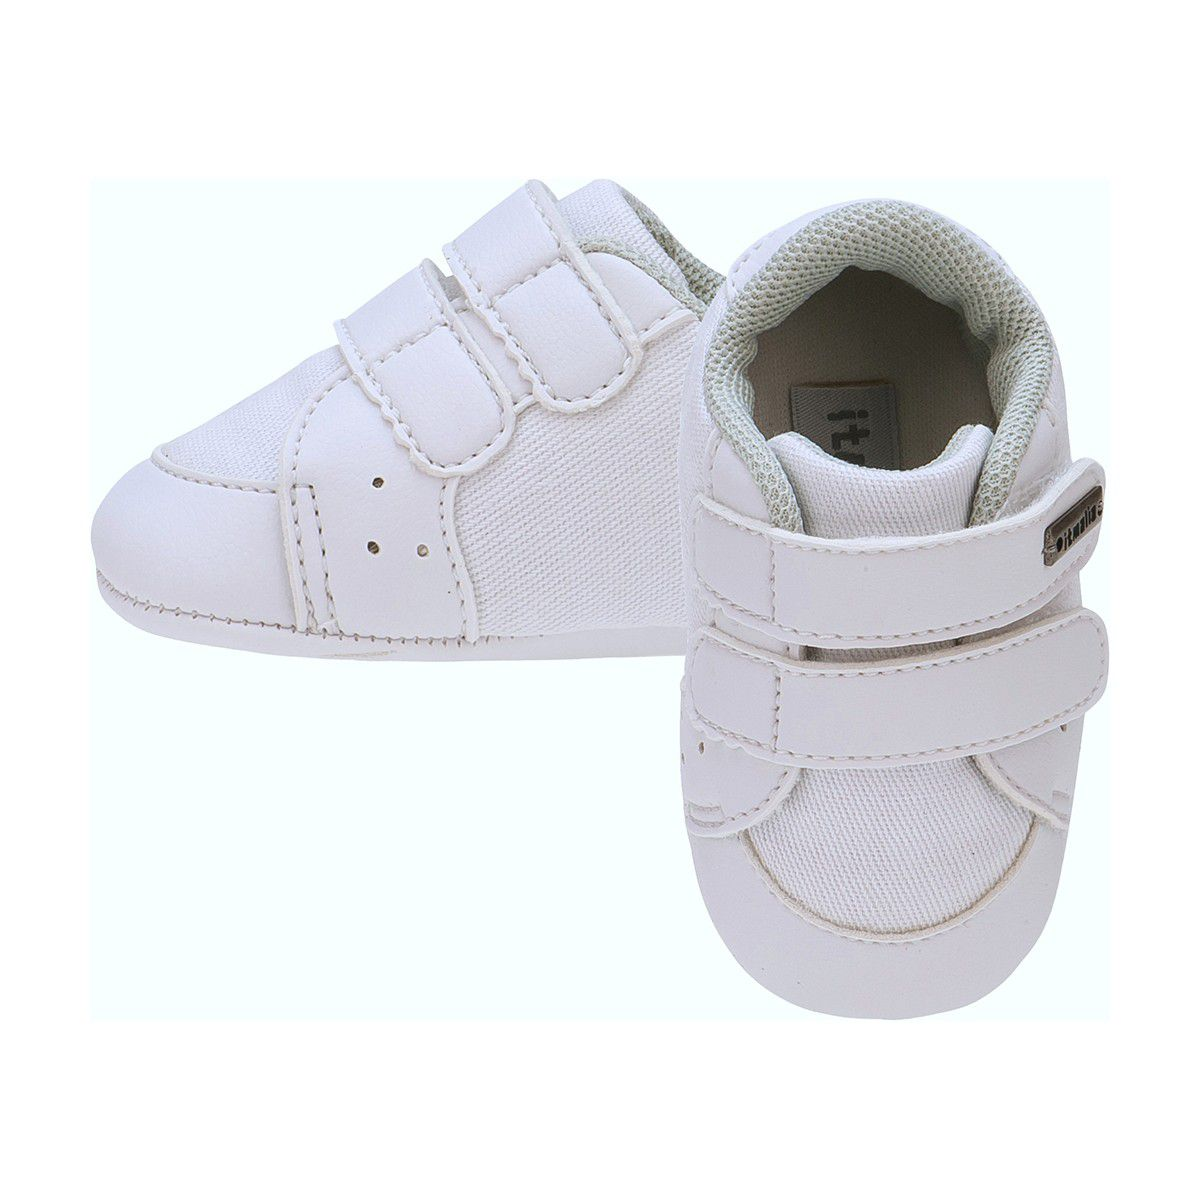 Tênis Menino Bebê Cor Branco - Itmalia